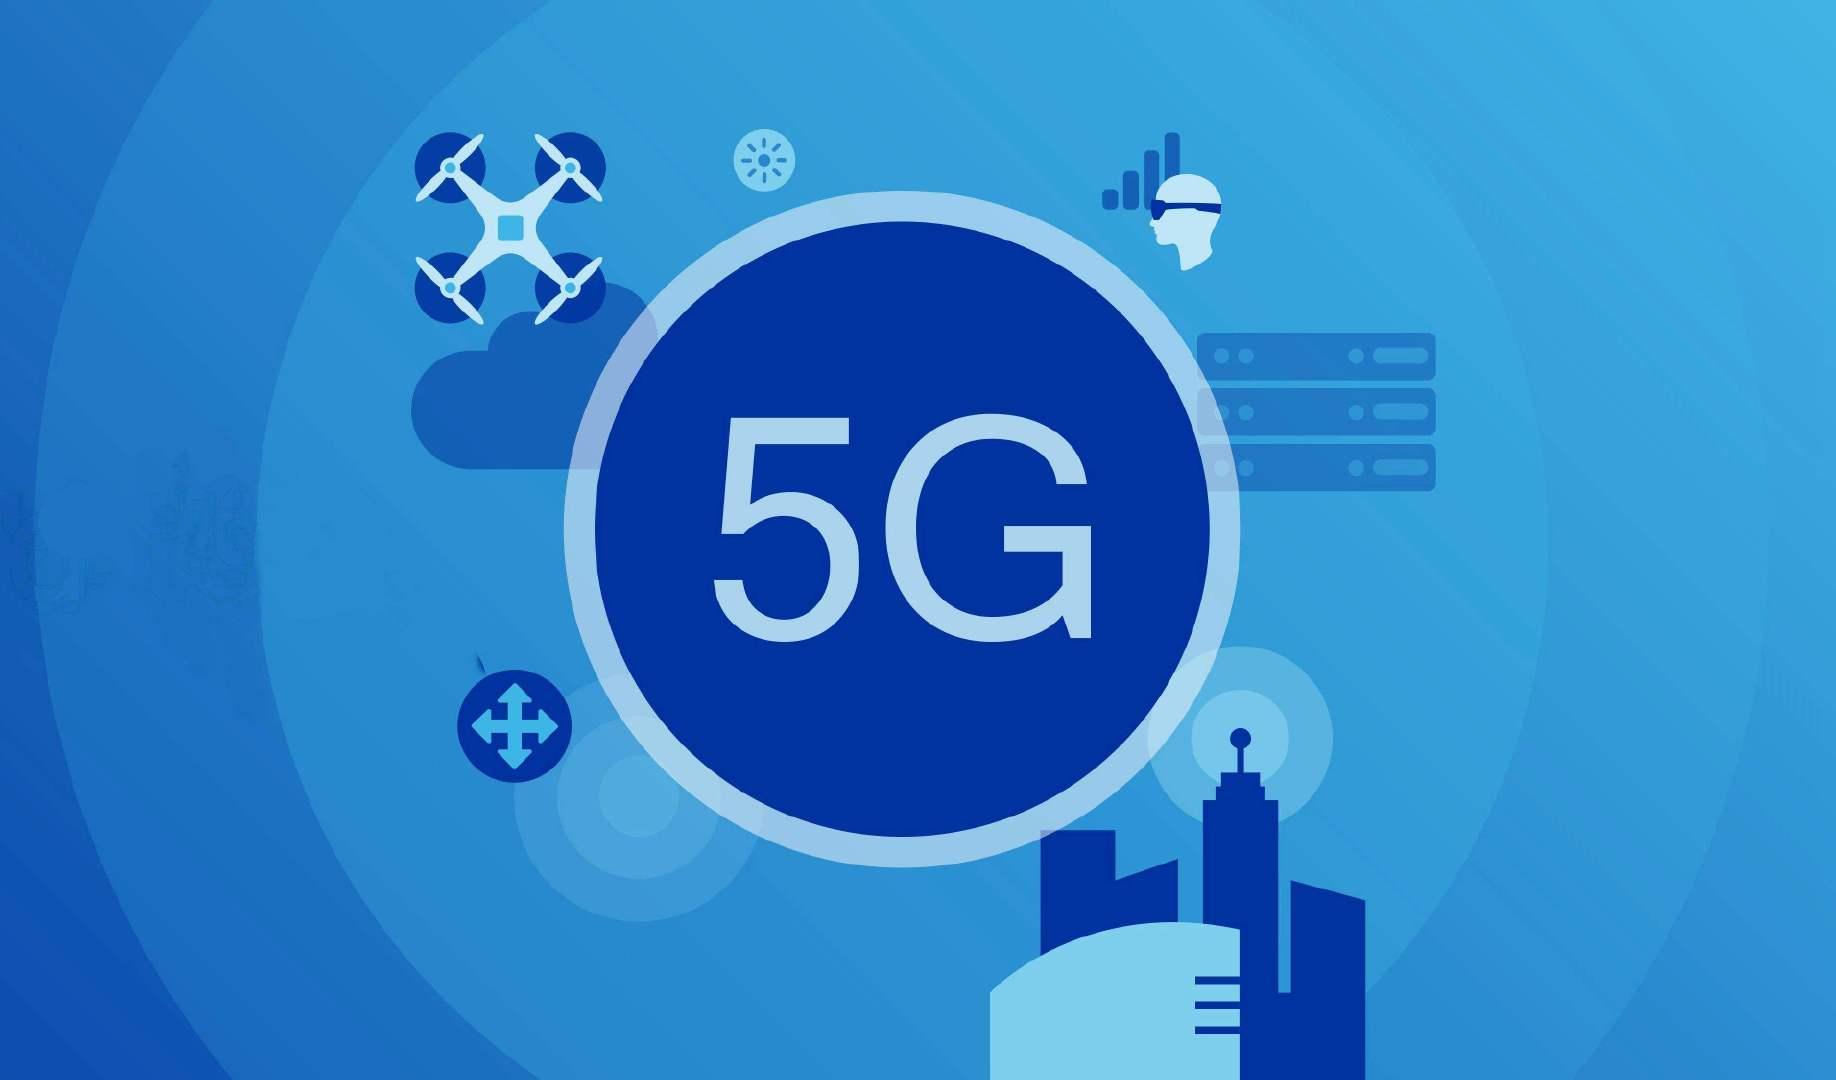 印度成功研发5G,美国资本纷纷送钱,5G沦为博弈场